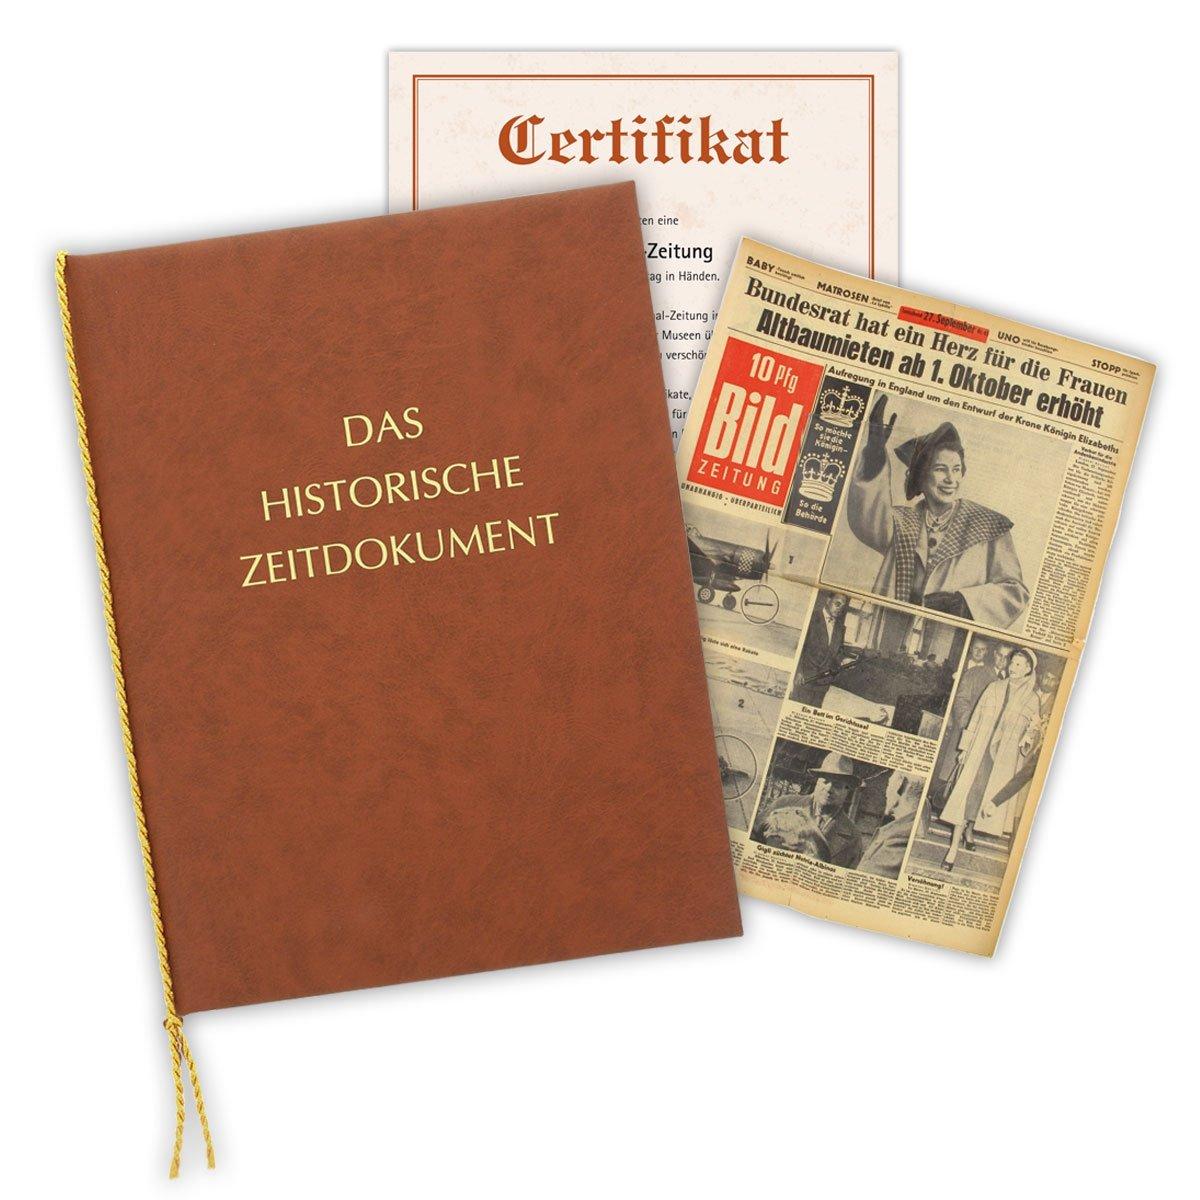 Mappe /& Zertifikat als Geschenkidee Zeitung vom Tag der Geburt 1936 historische Zeitung inkl